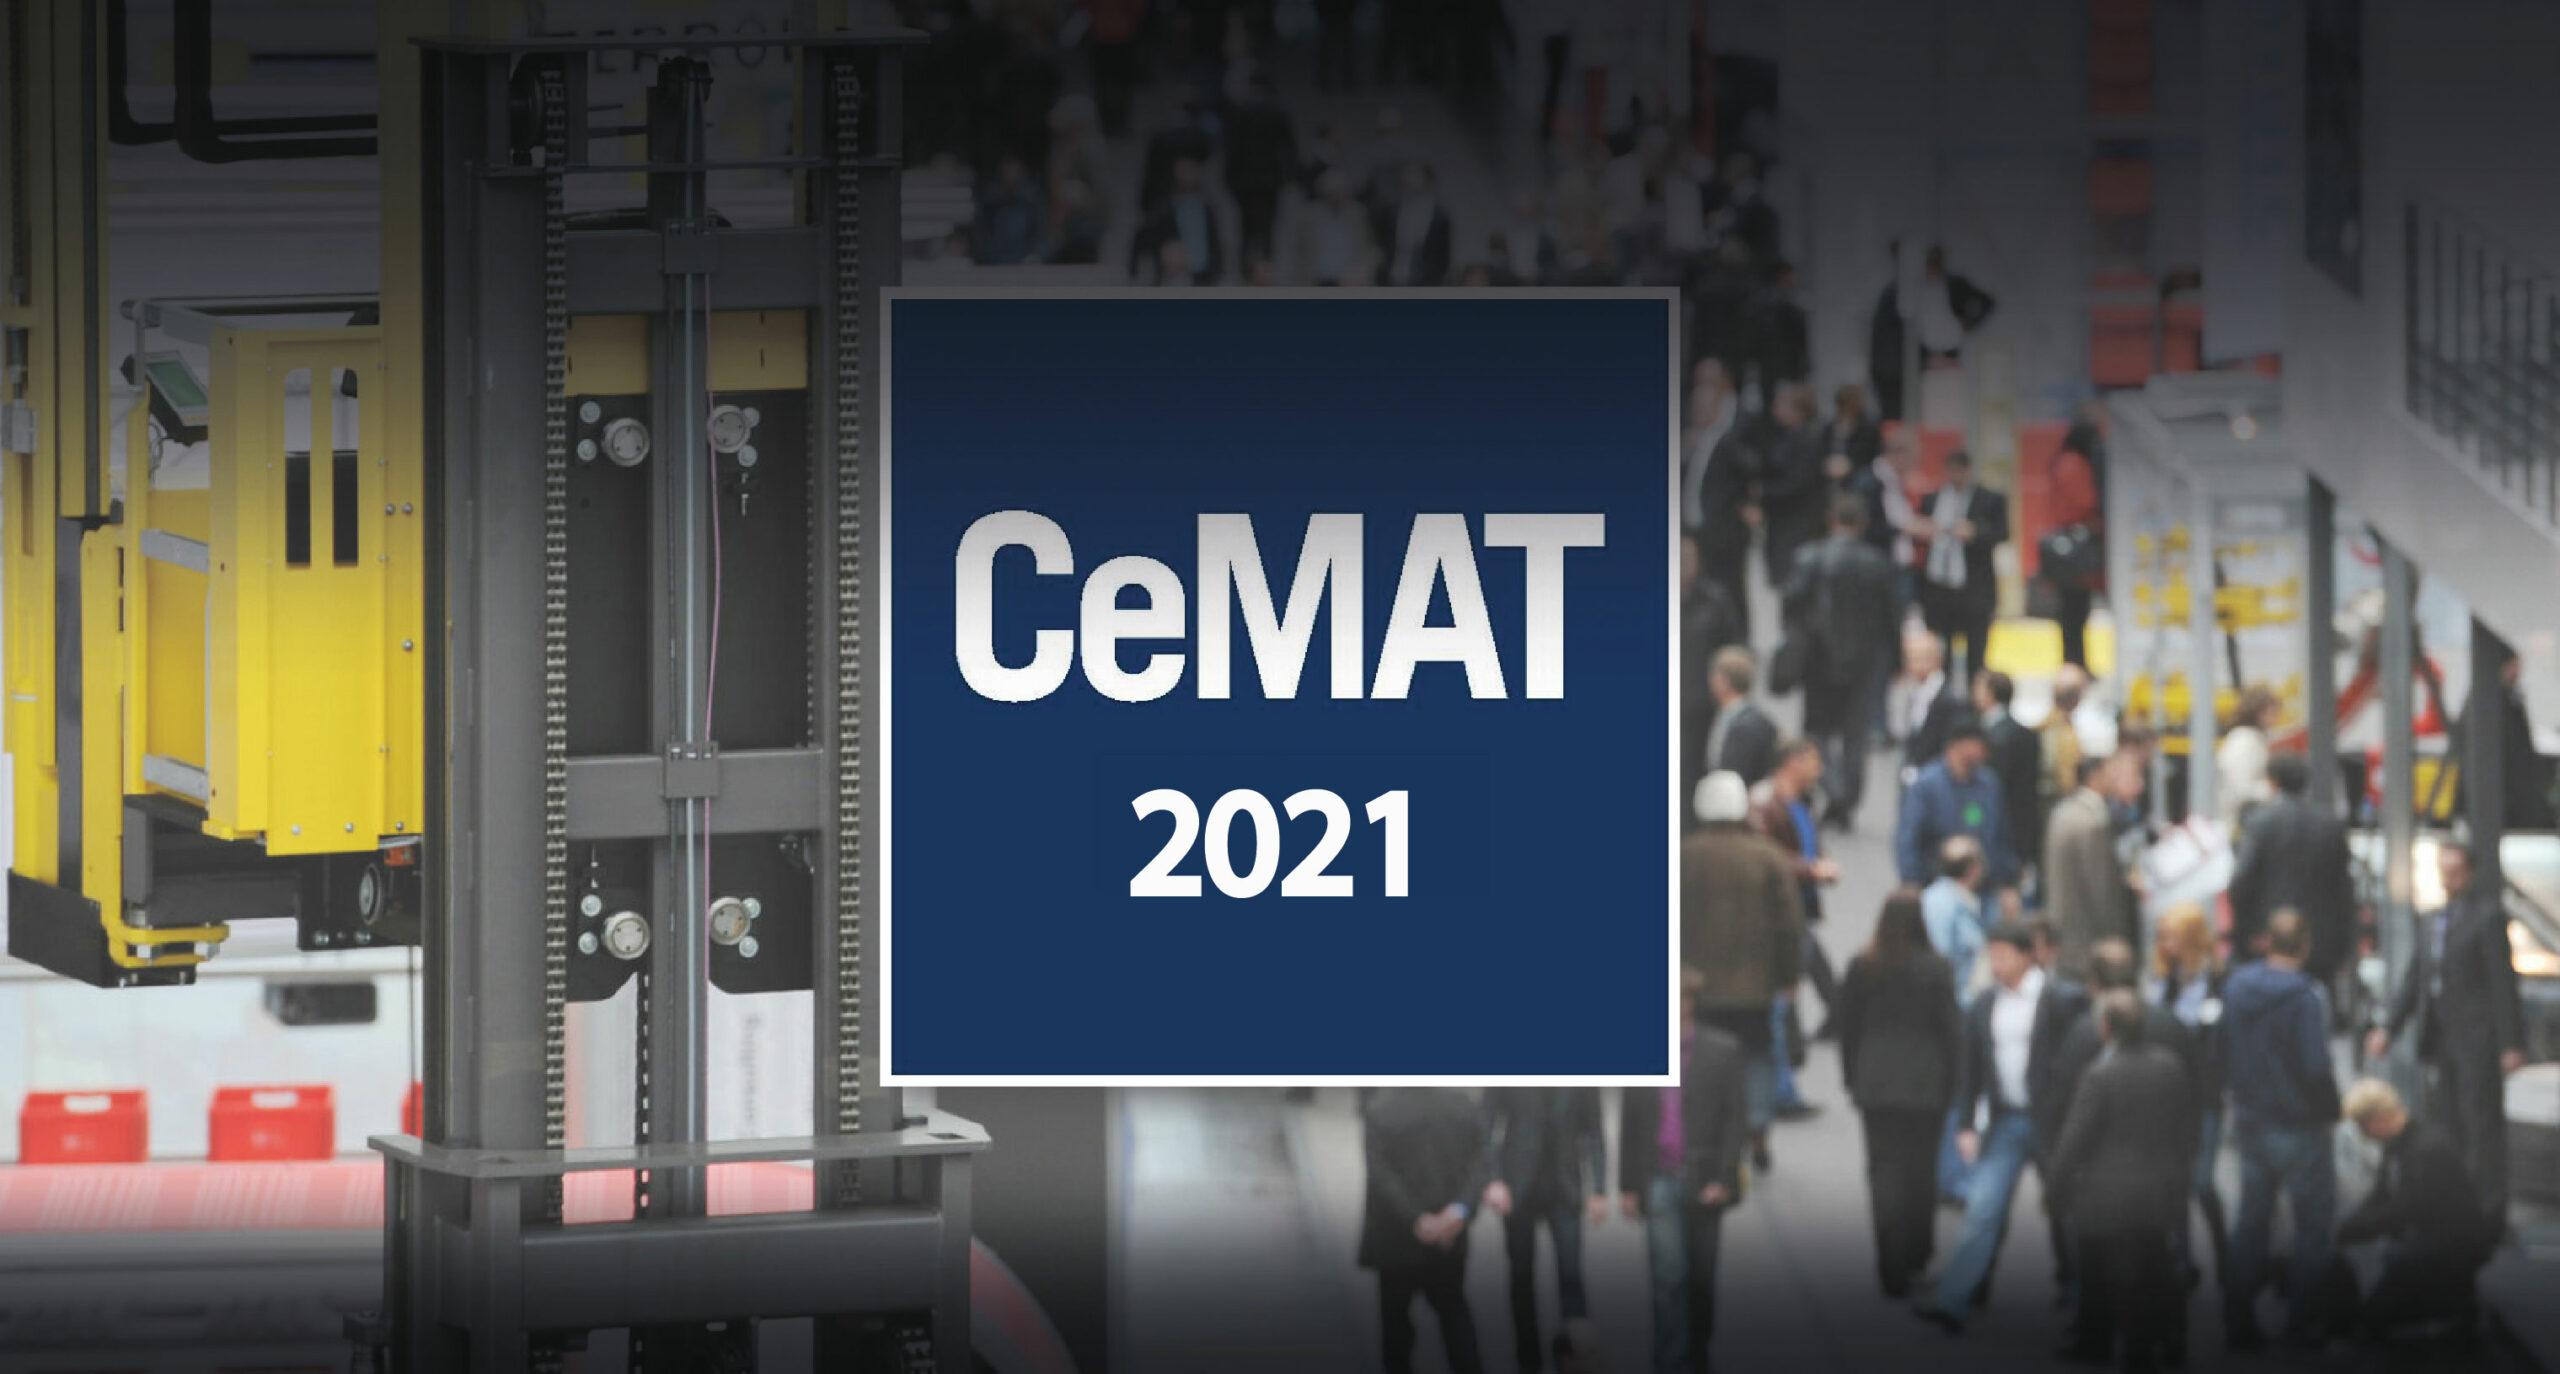 KAPELOU на CeMAT 2021 - 8 - kapelou.com